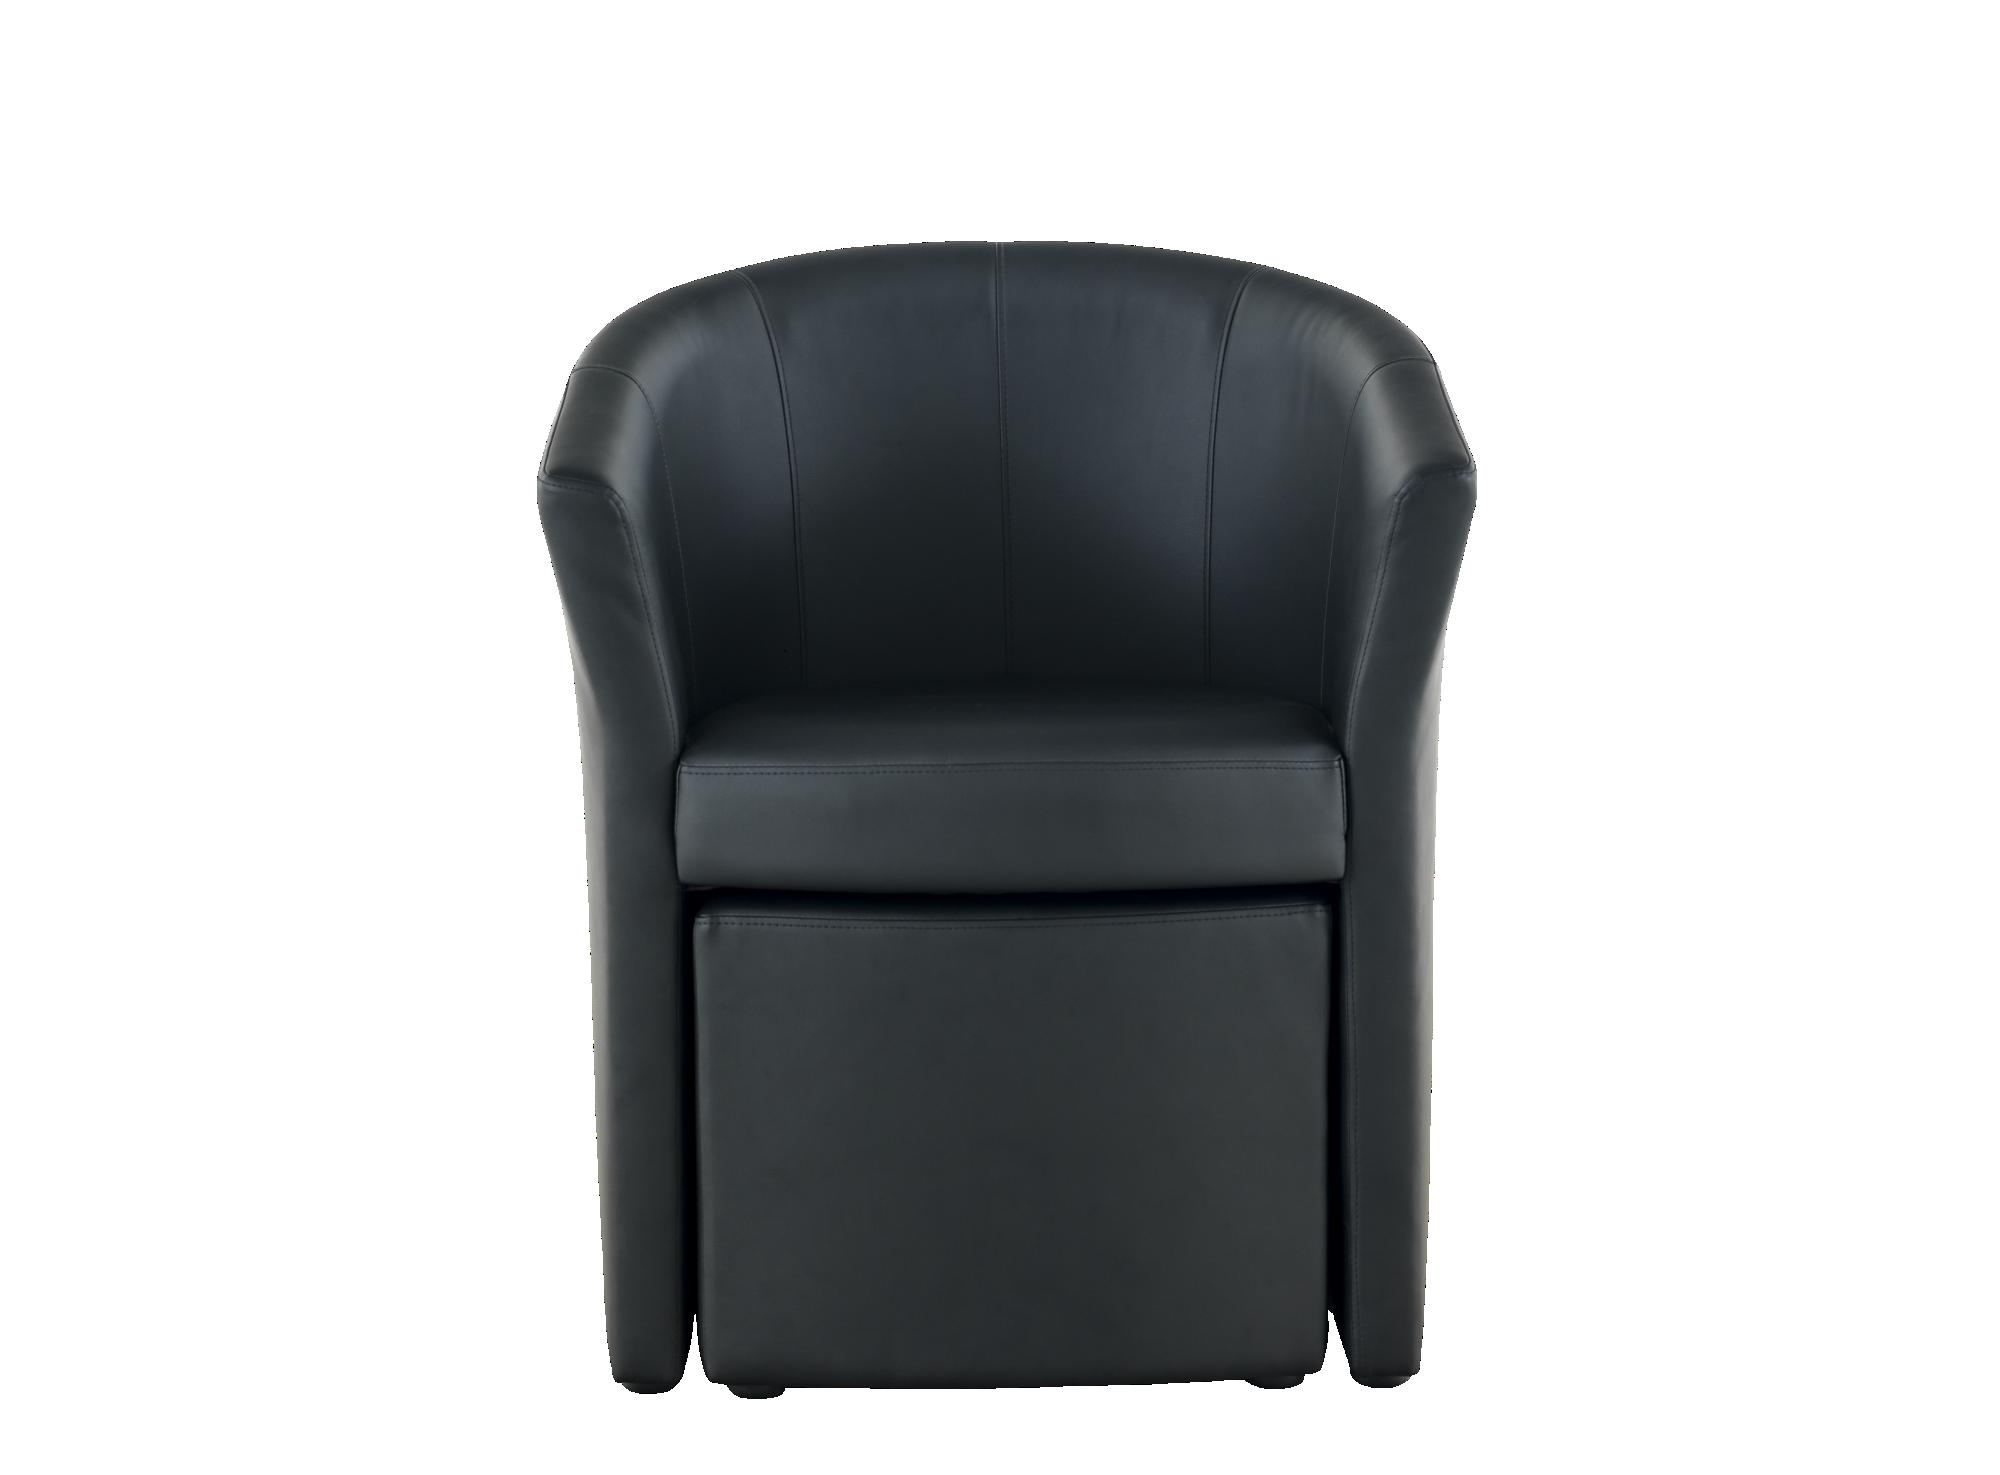 Fauteuil avec pouf noir fauteuil cat gories canap fly for Canape avec fauteuil